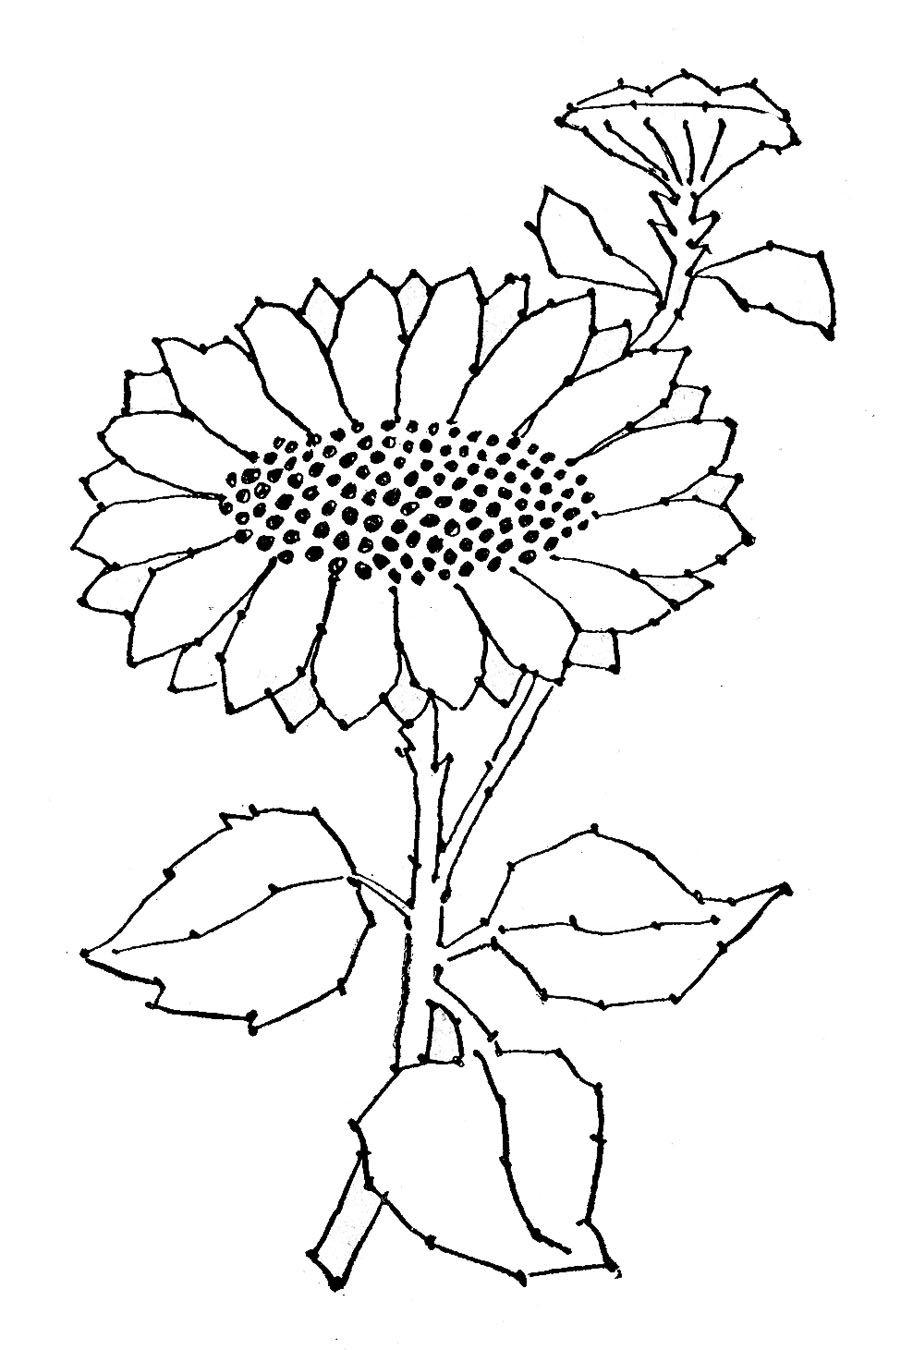 Tranh tô màu hoa hướng dương đẹp cho bé